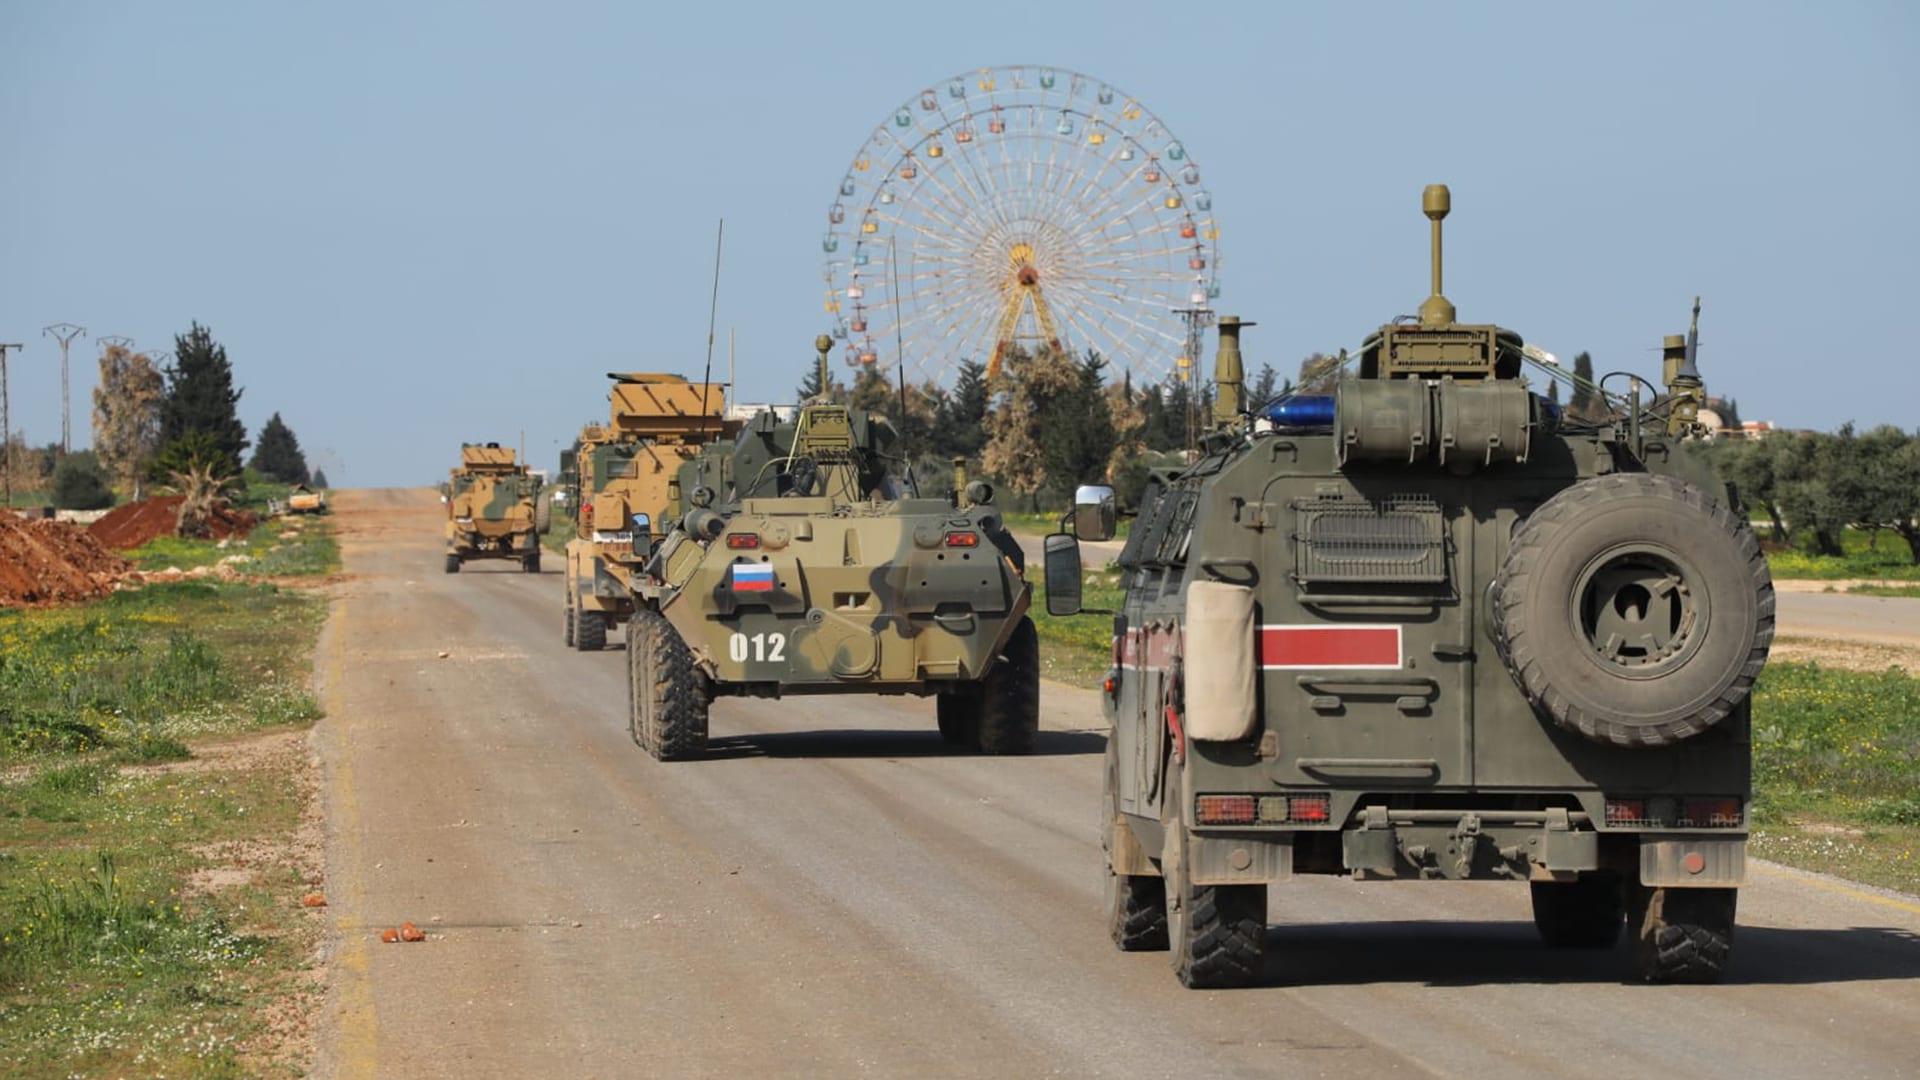 طائرات روسيّة تخرق اتفاق الهدنة وتقصف مواقع شمال غربي سوريا